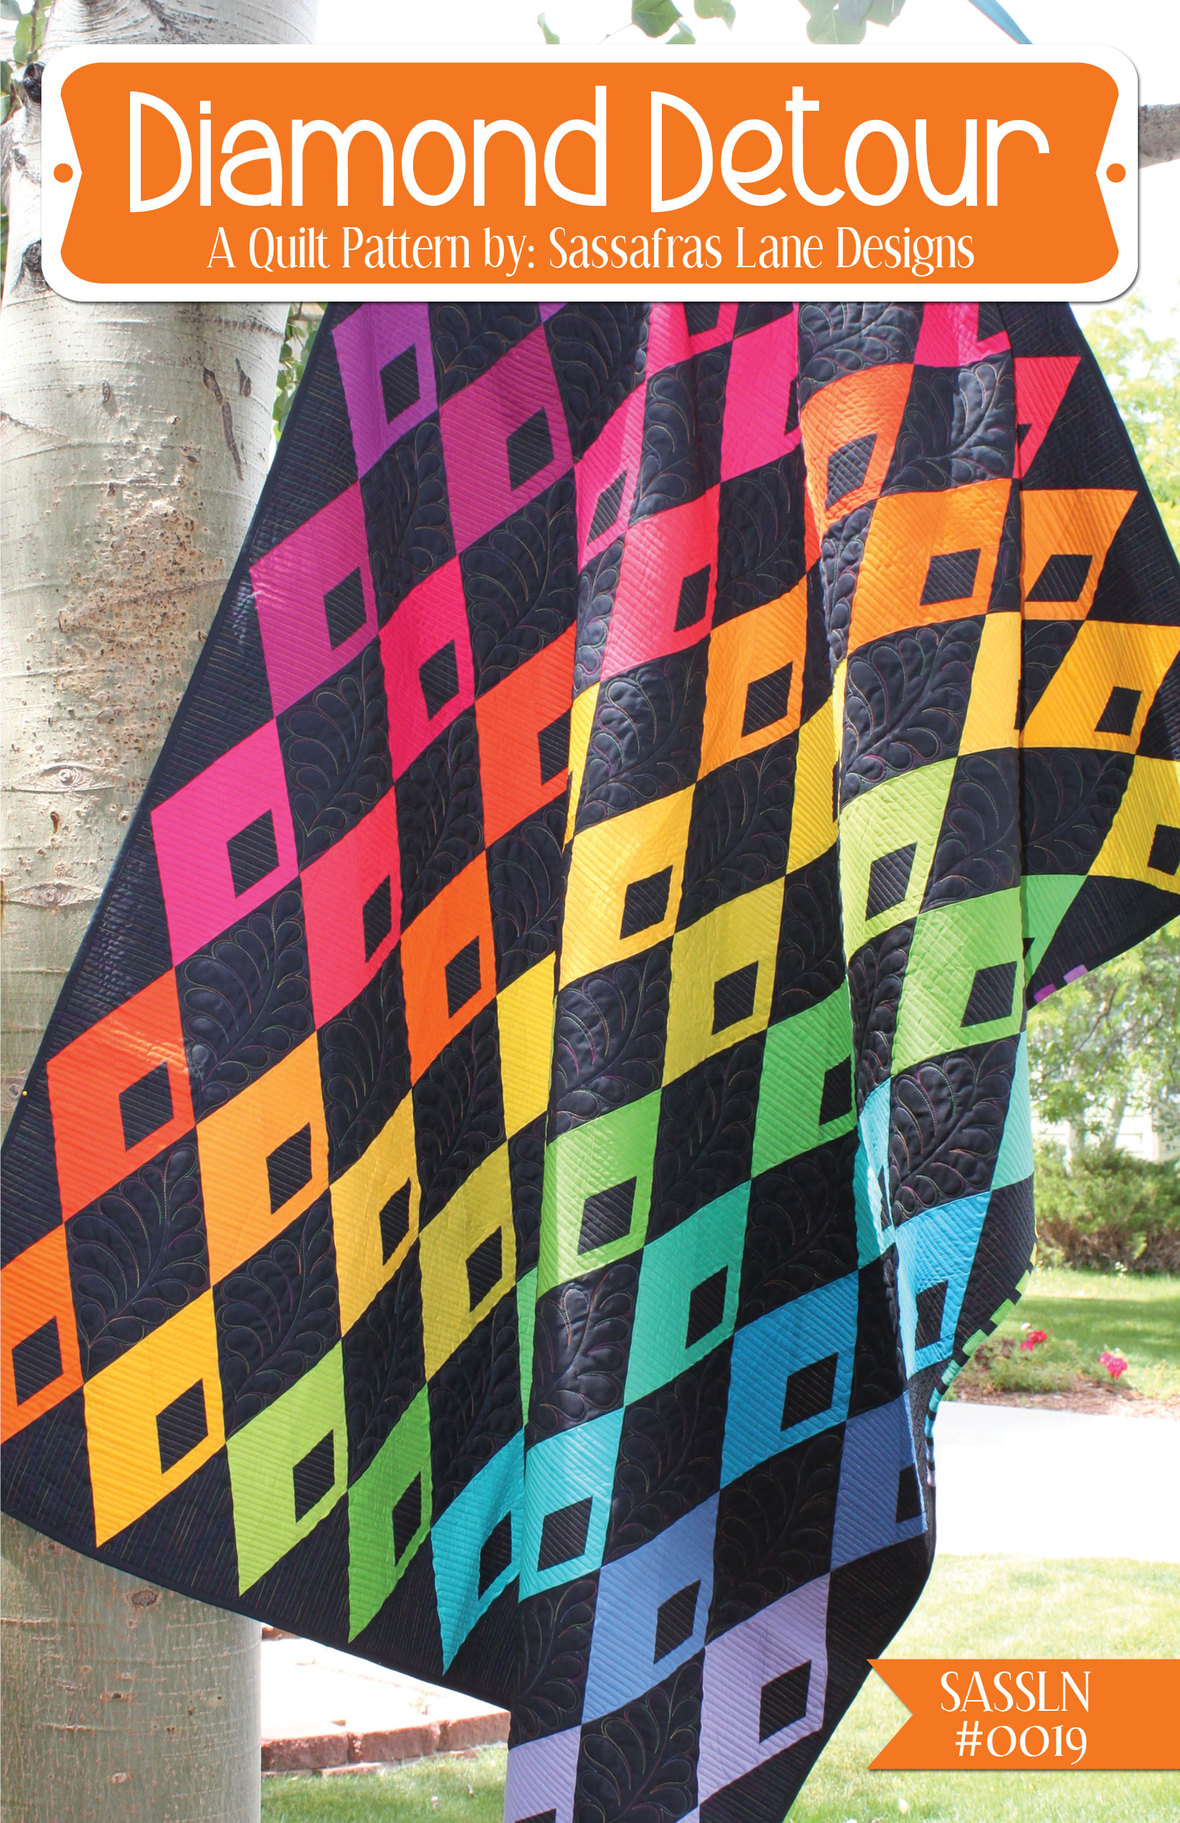 sassafras lane designs diamond detour sewing pattern